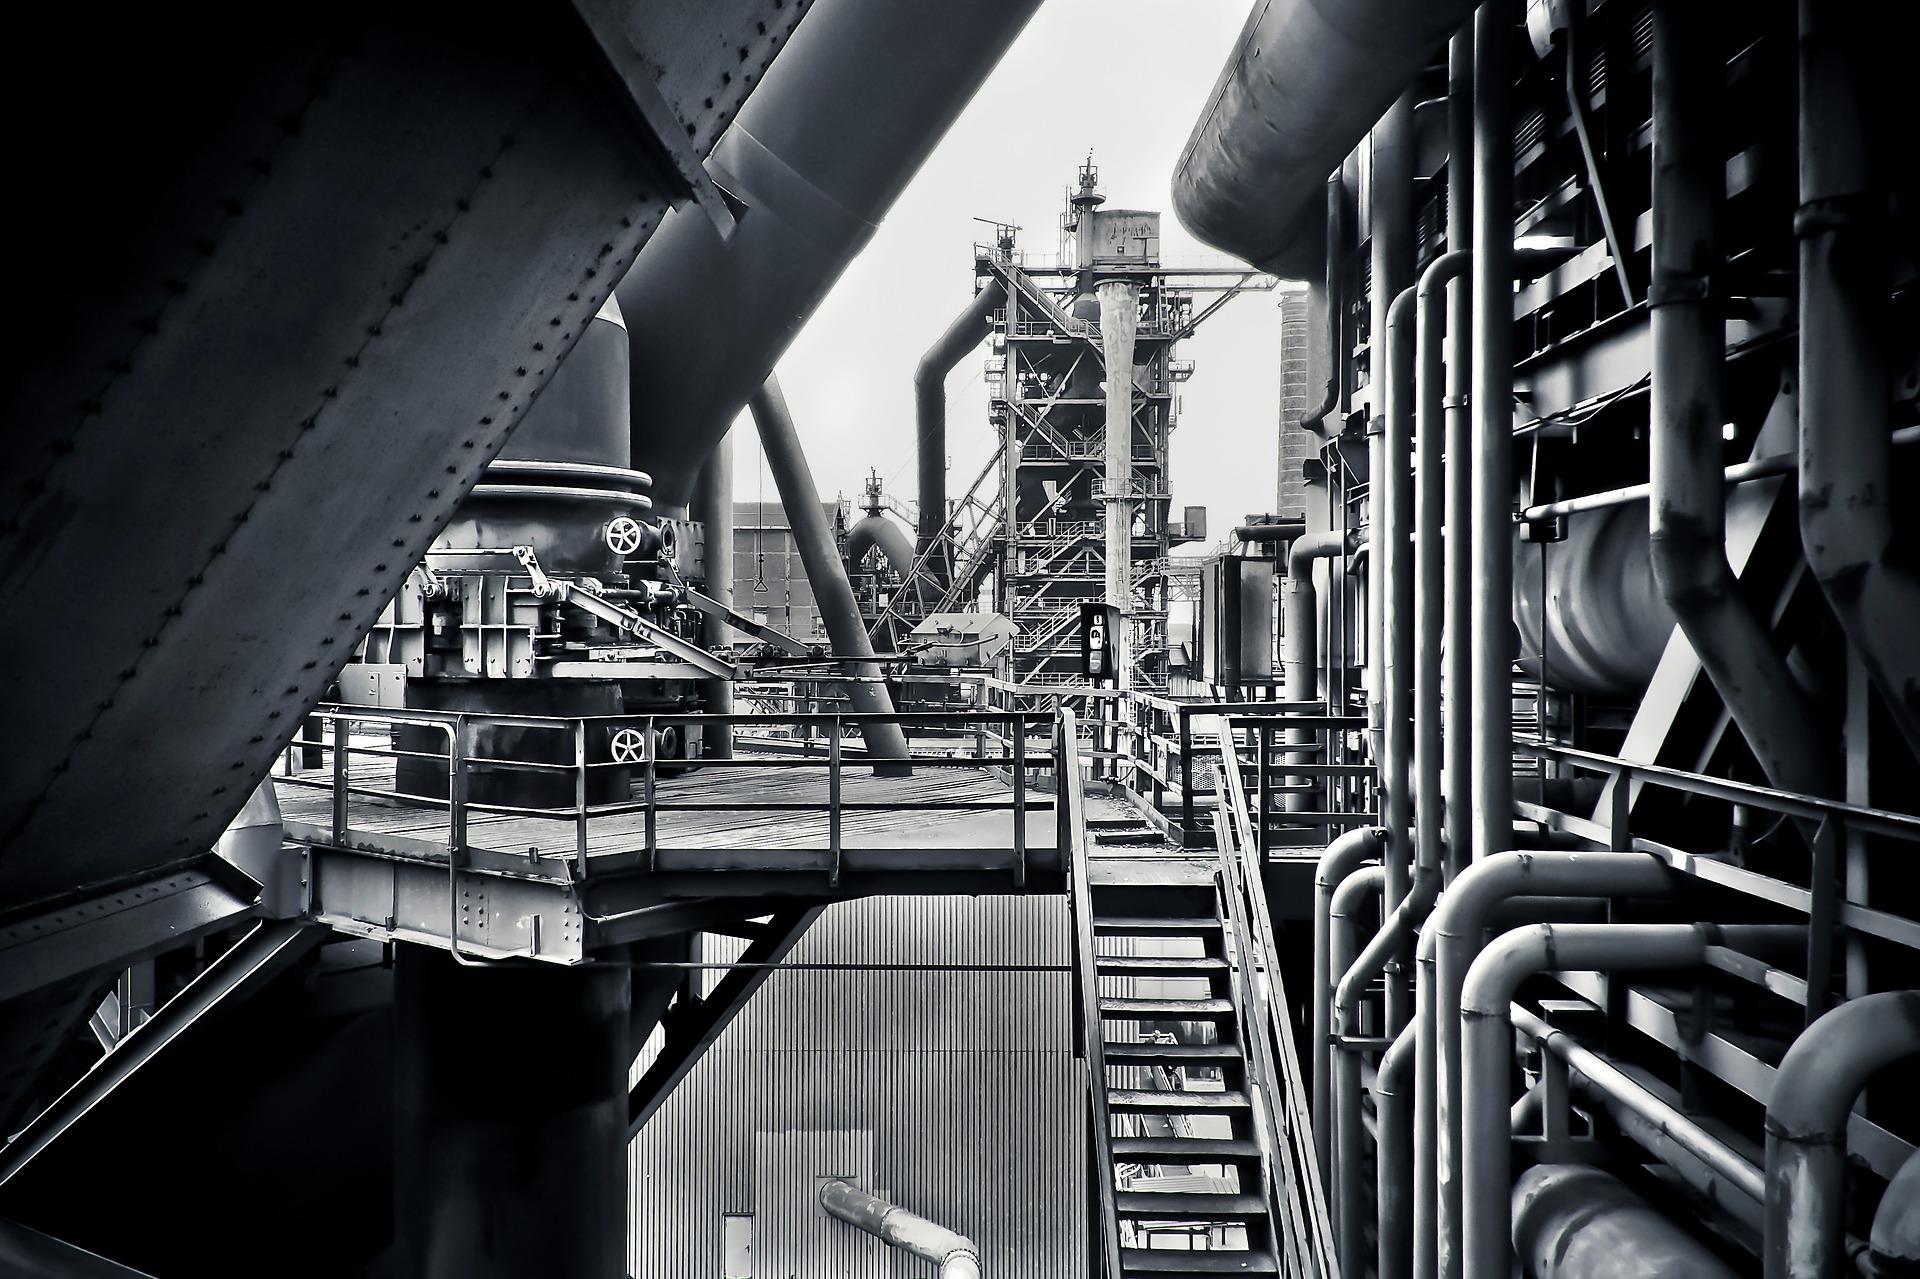 Gebäudereinigung Dienstleistungen Industriereinigung